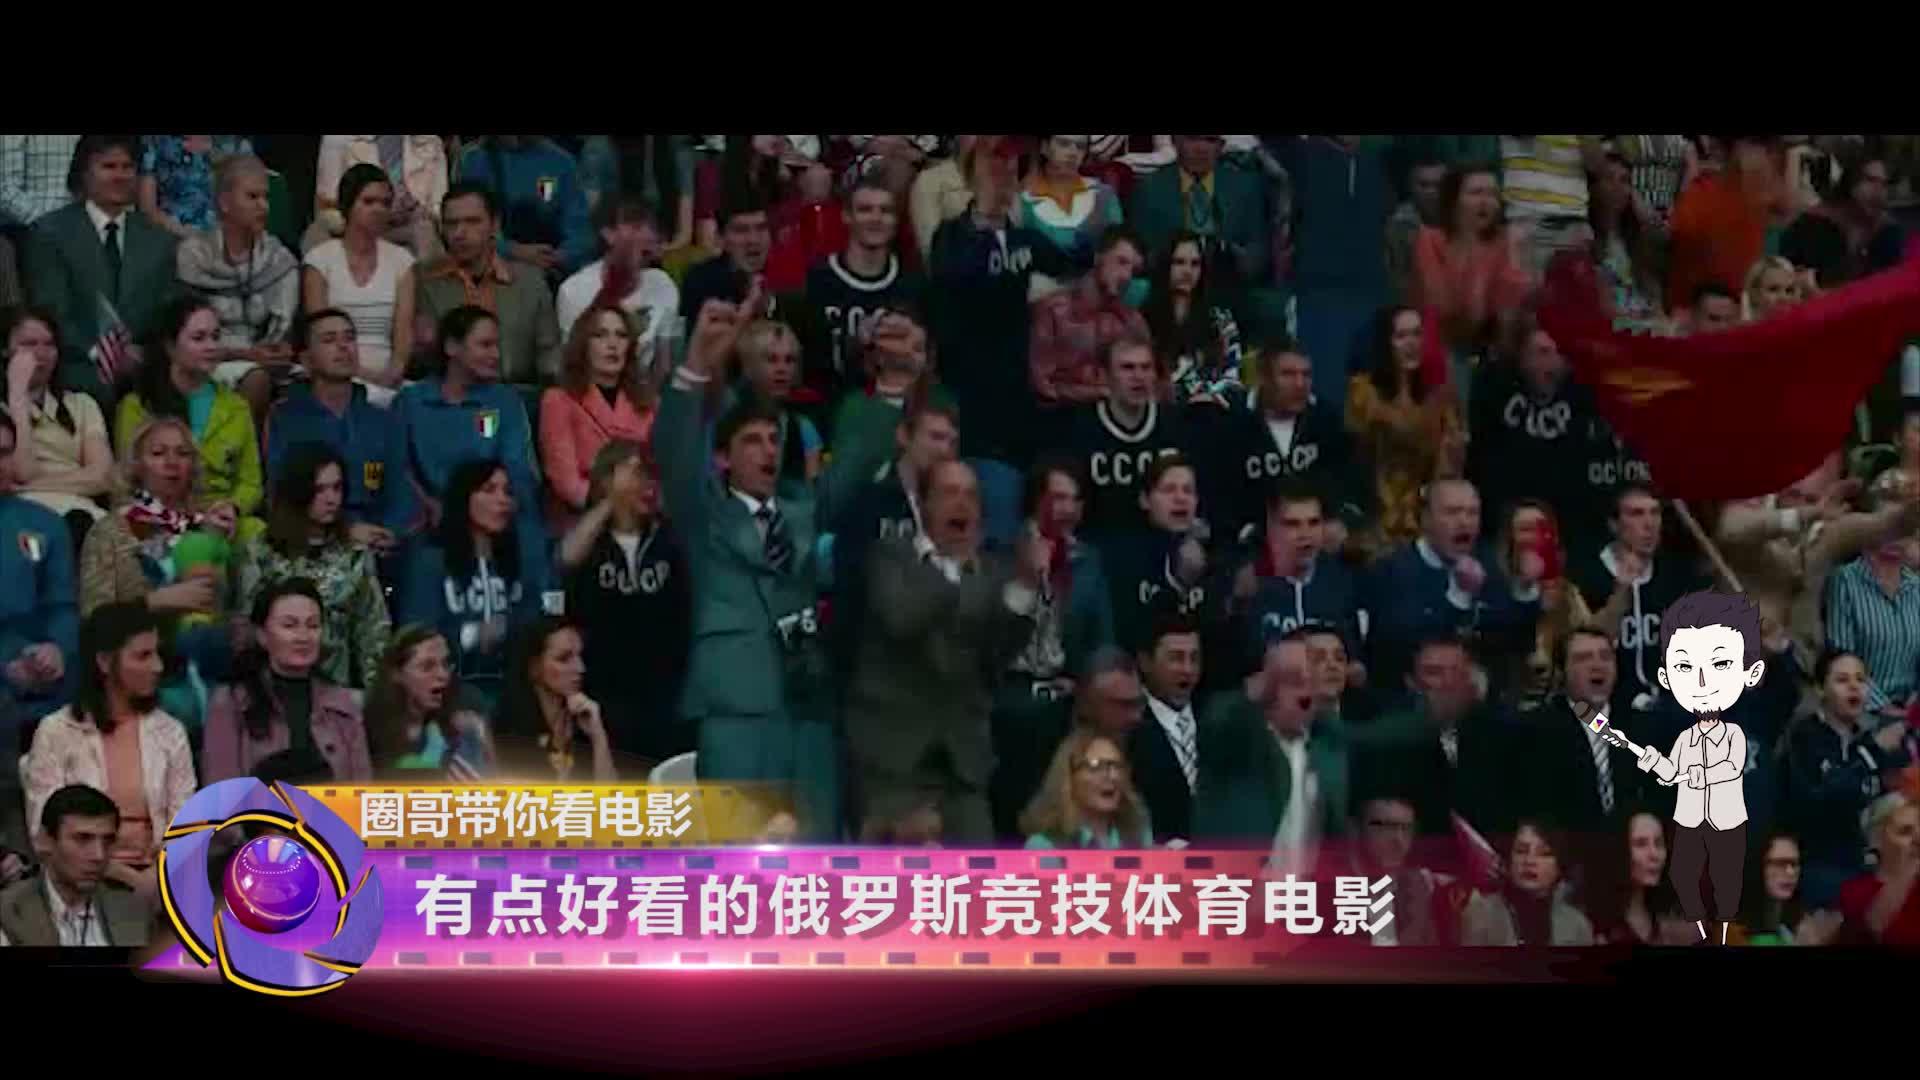 《电影圈子》—— 有点好看的俄罗斯竞技电影